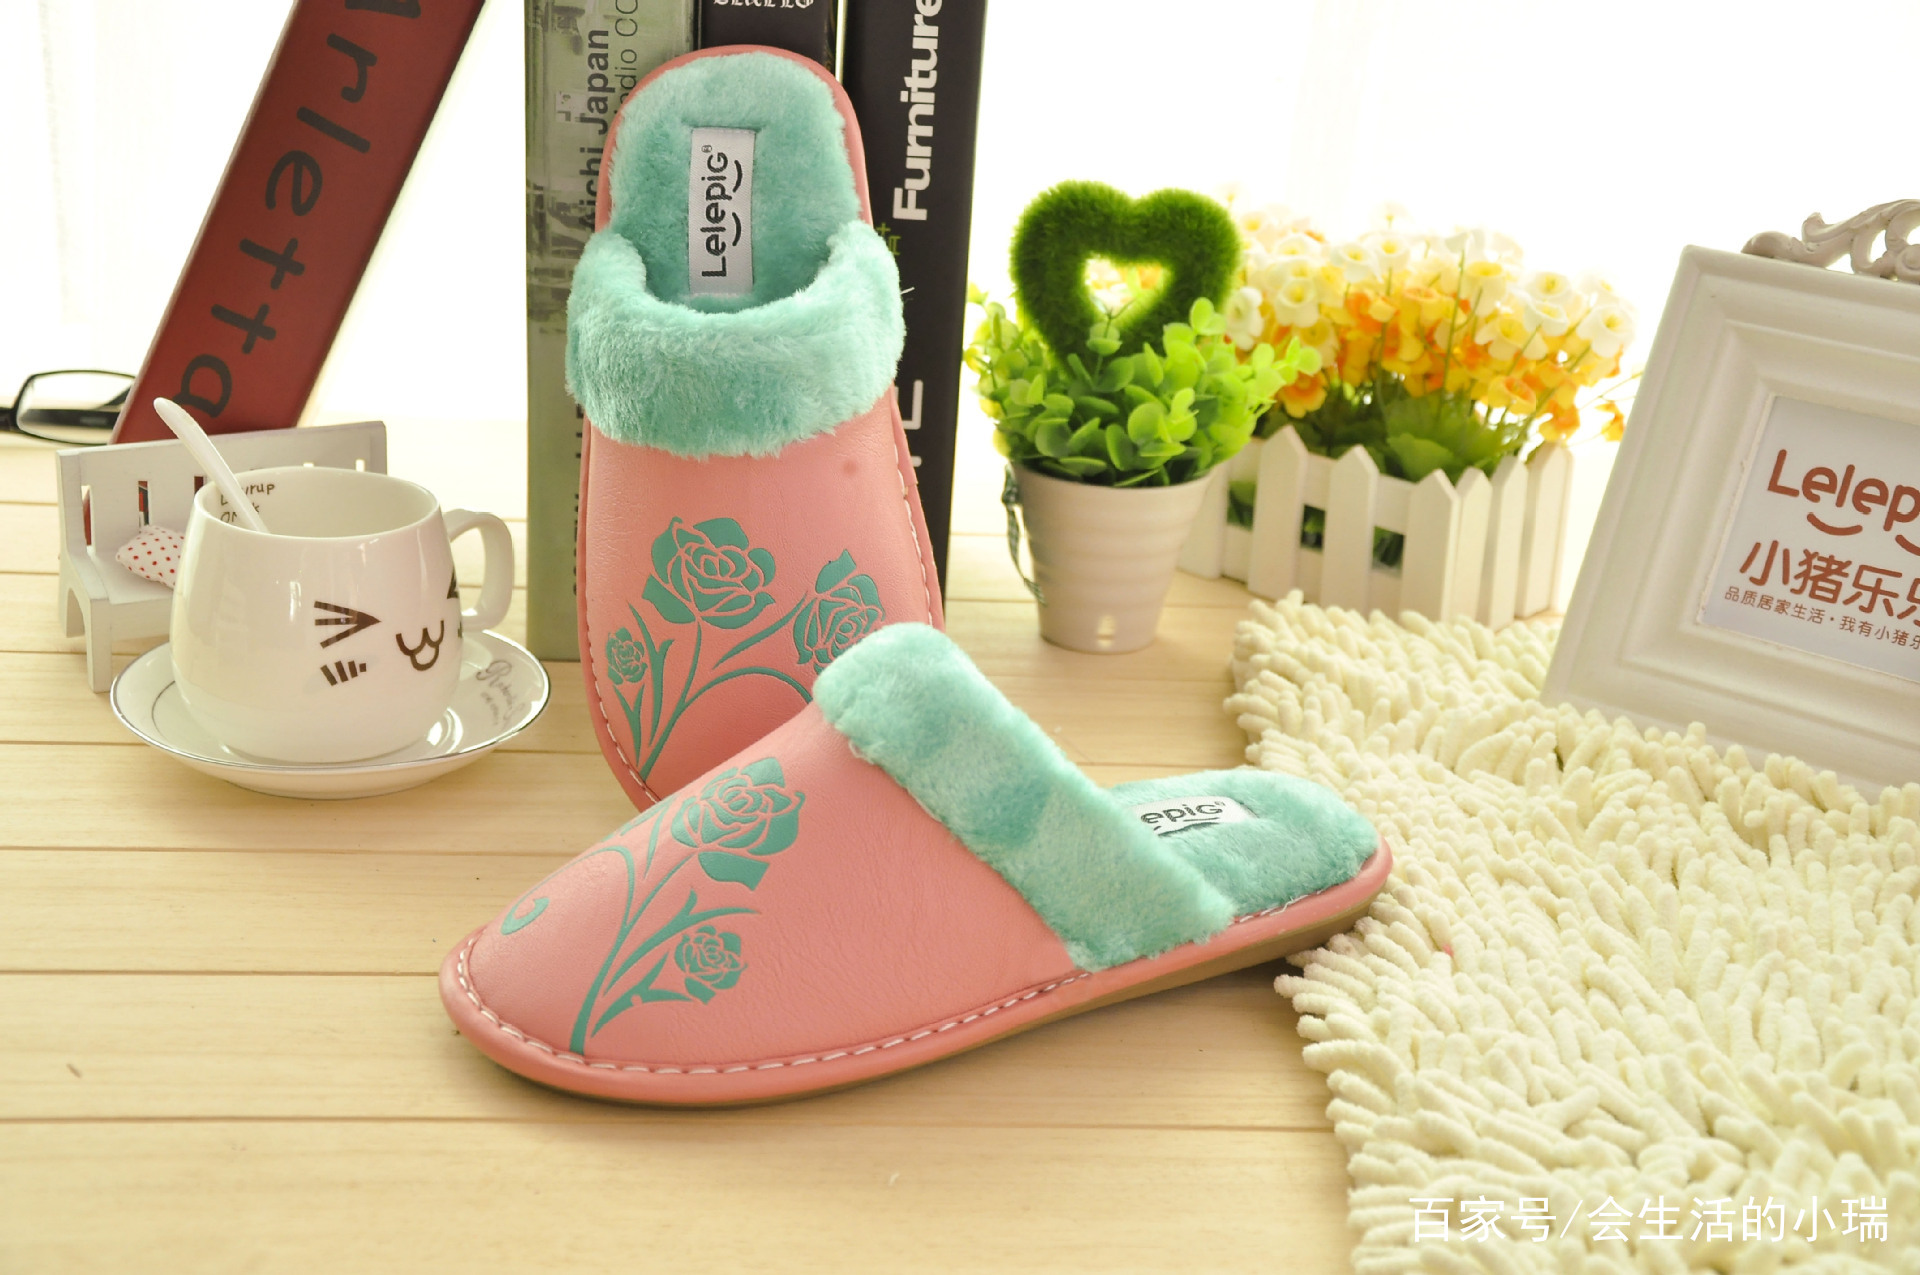 家里棉拖鞋出现臭味应这样处理,保证特别有效,还会焕然一新